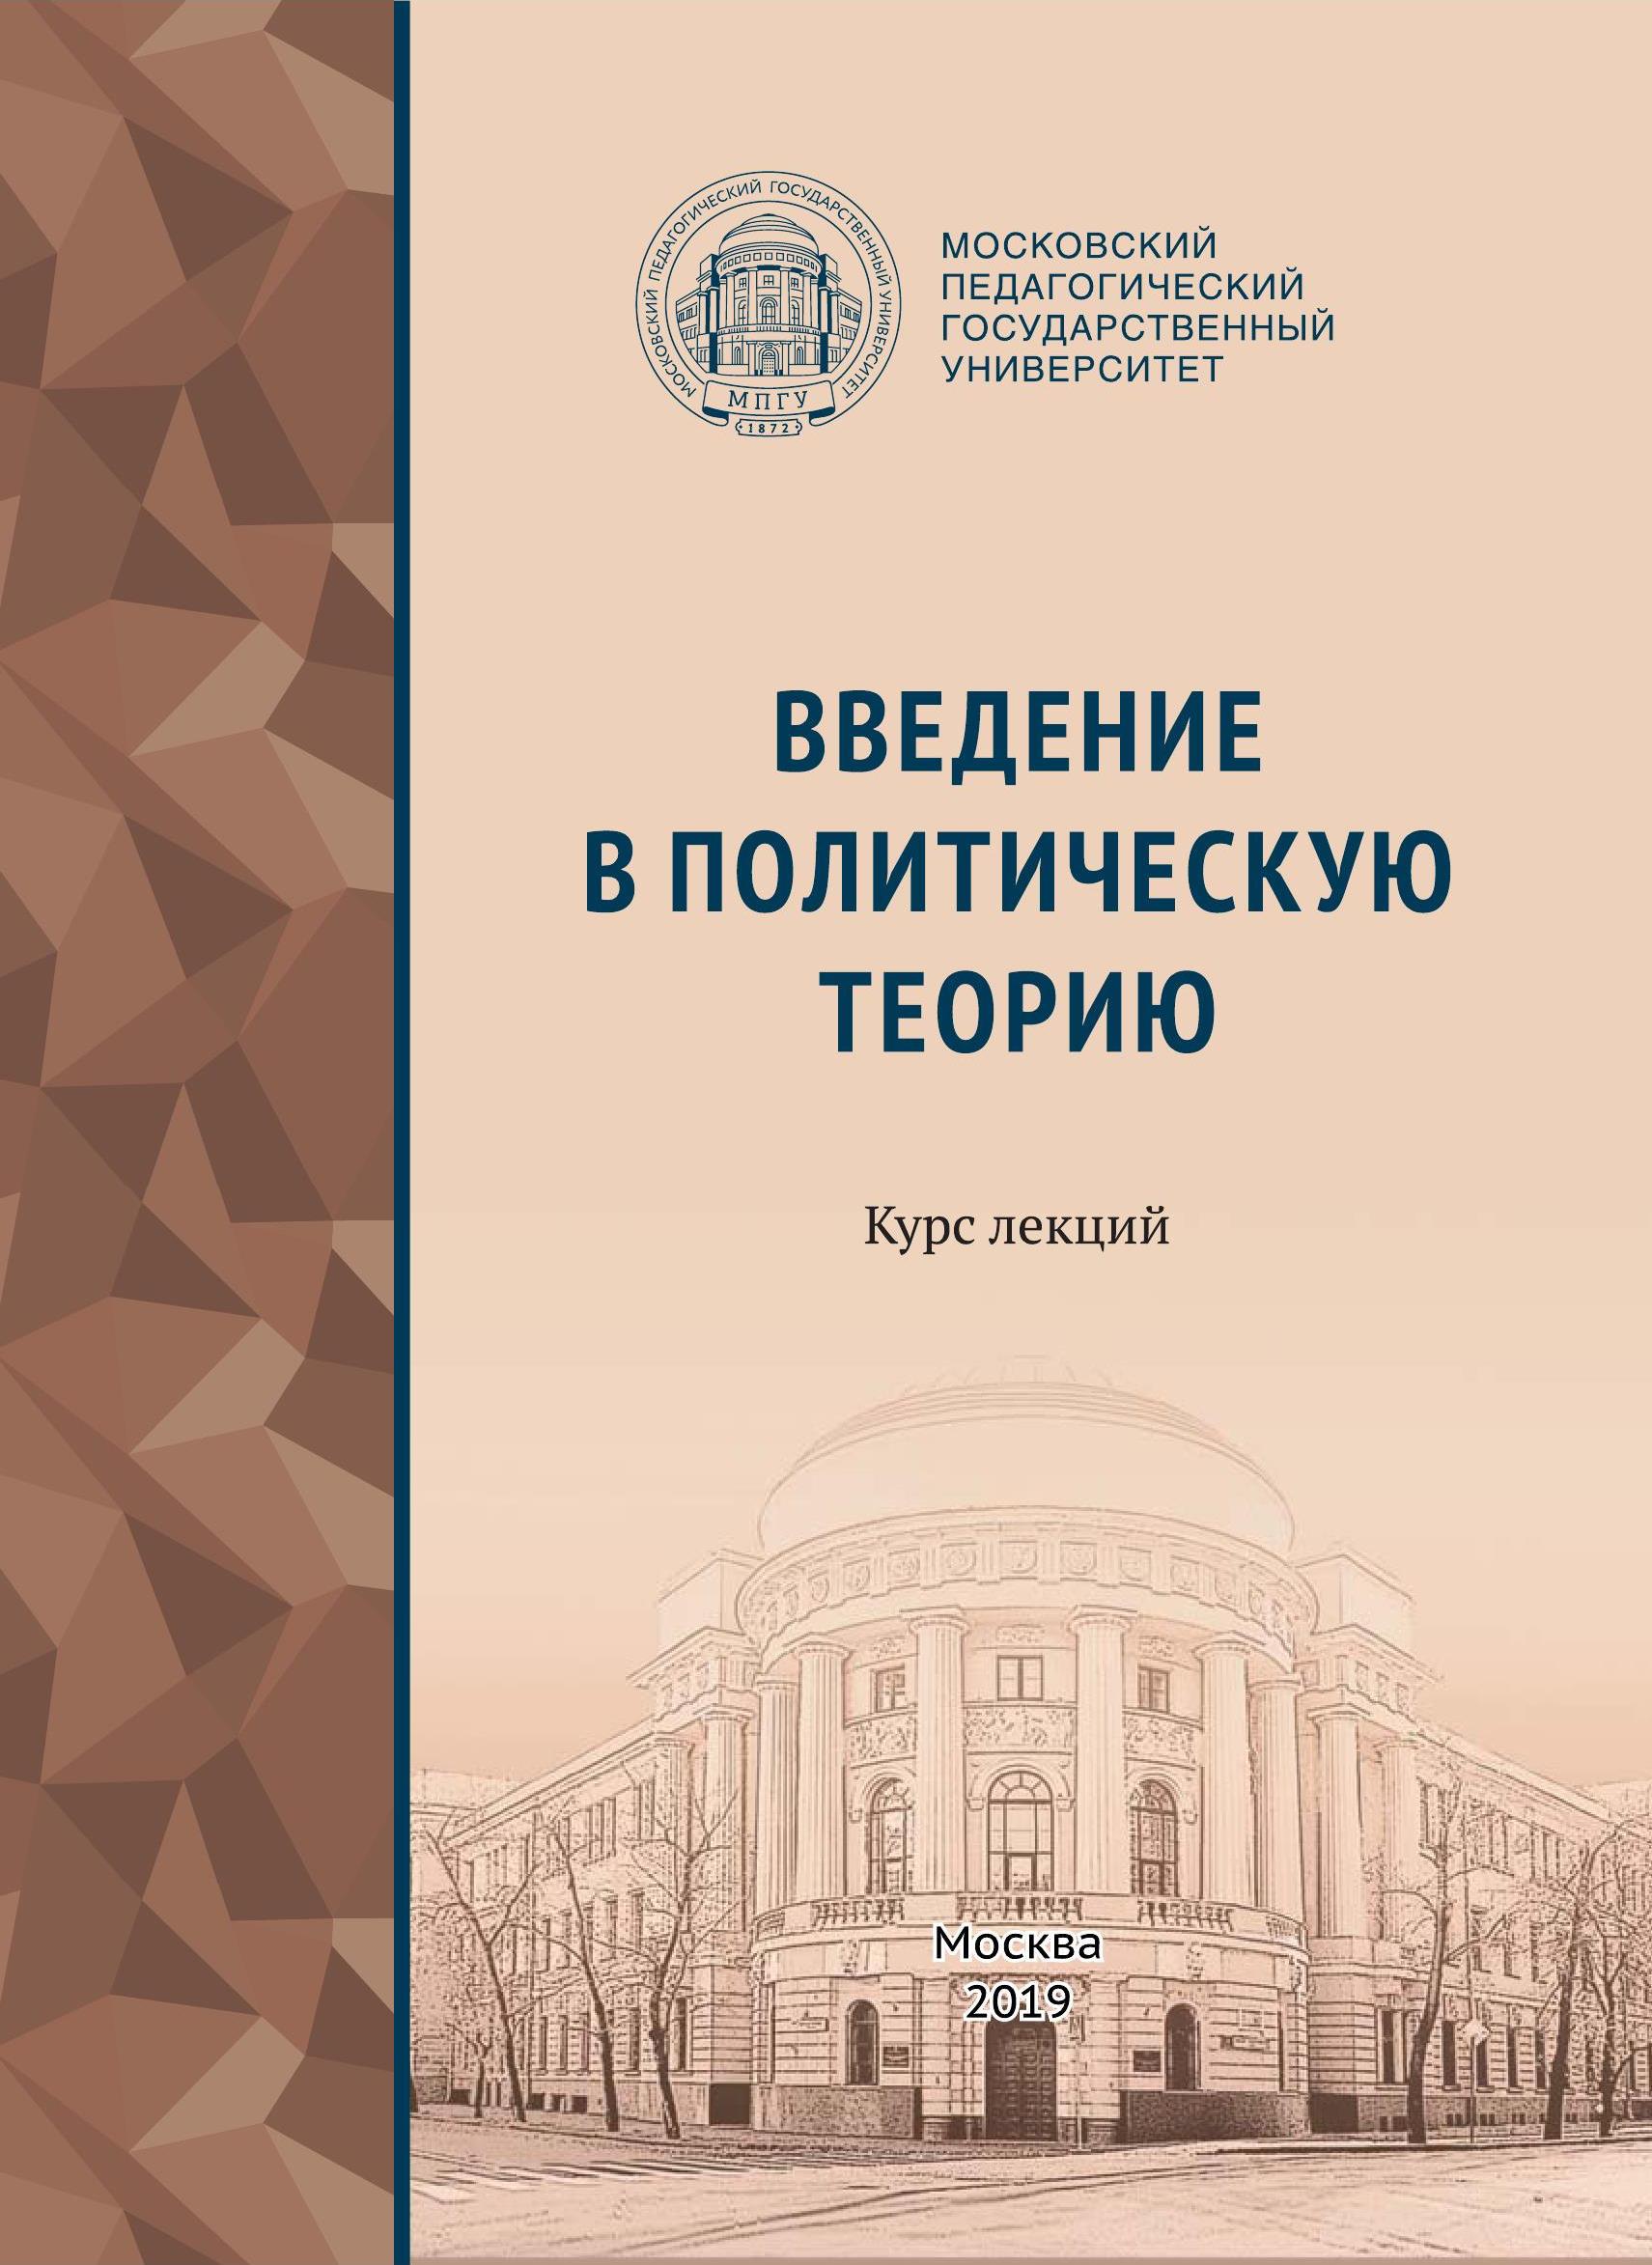 Коллектив авторов Введение в политическую теорию кагарлицкий б марксизм введение в социальную и политическую теорию